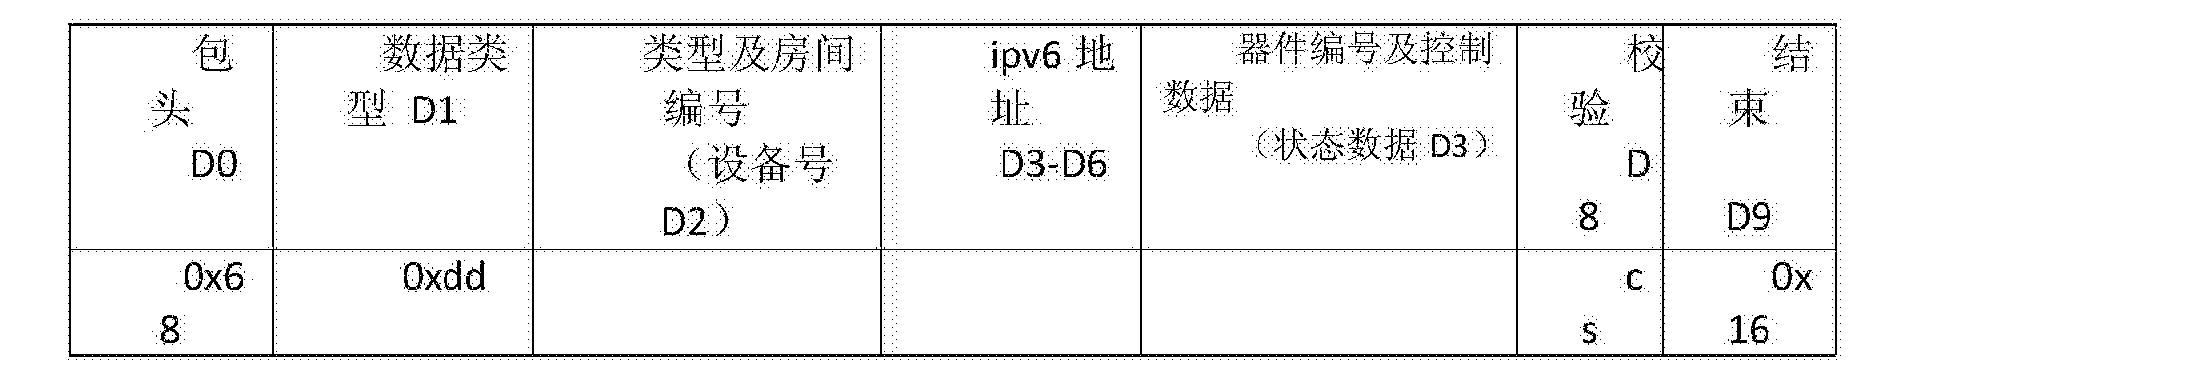 Figure CN104331053BD00123